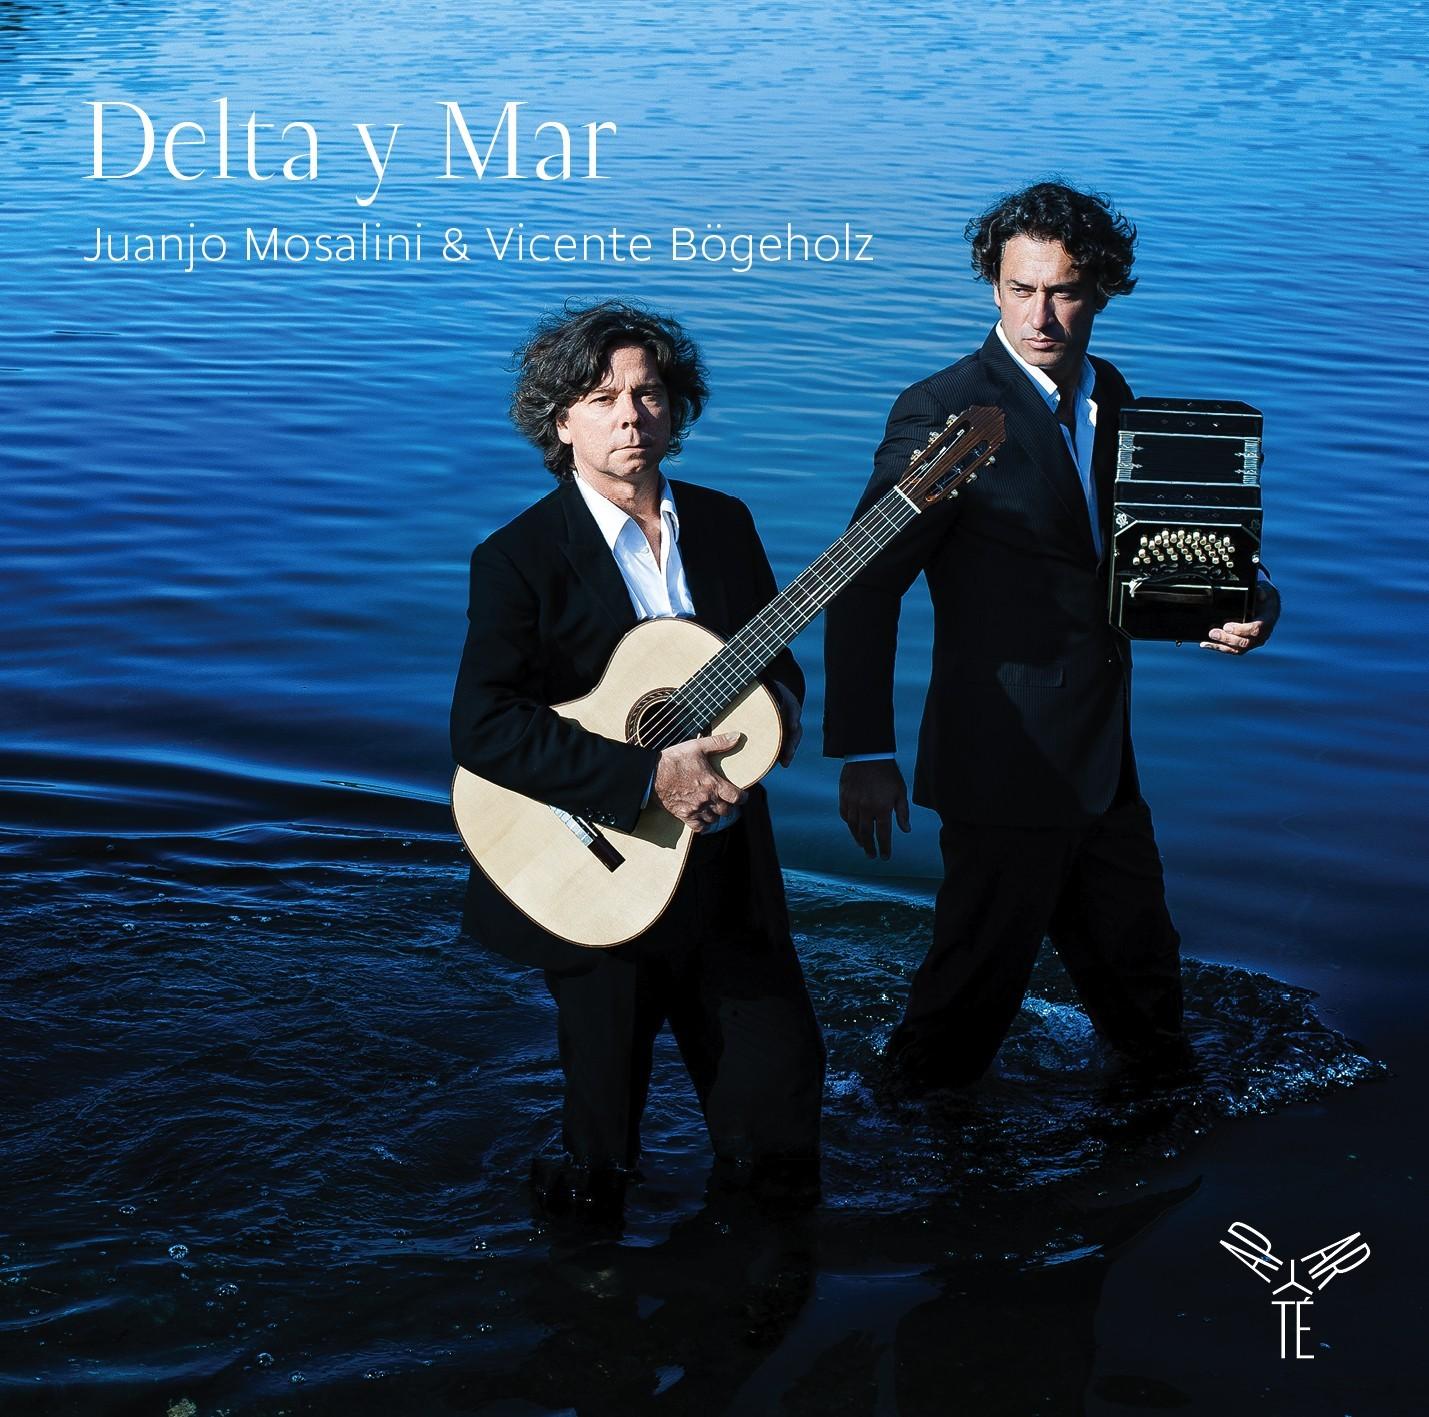 Delta y Mar